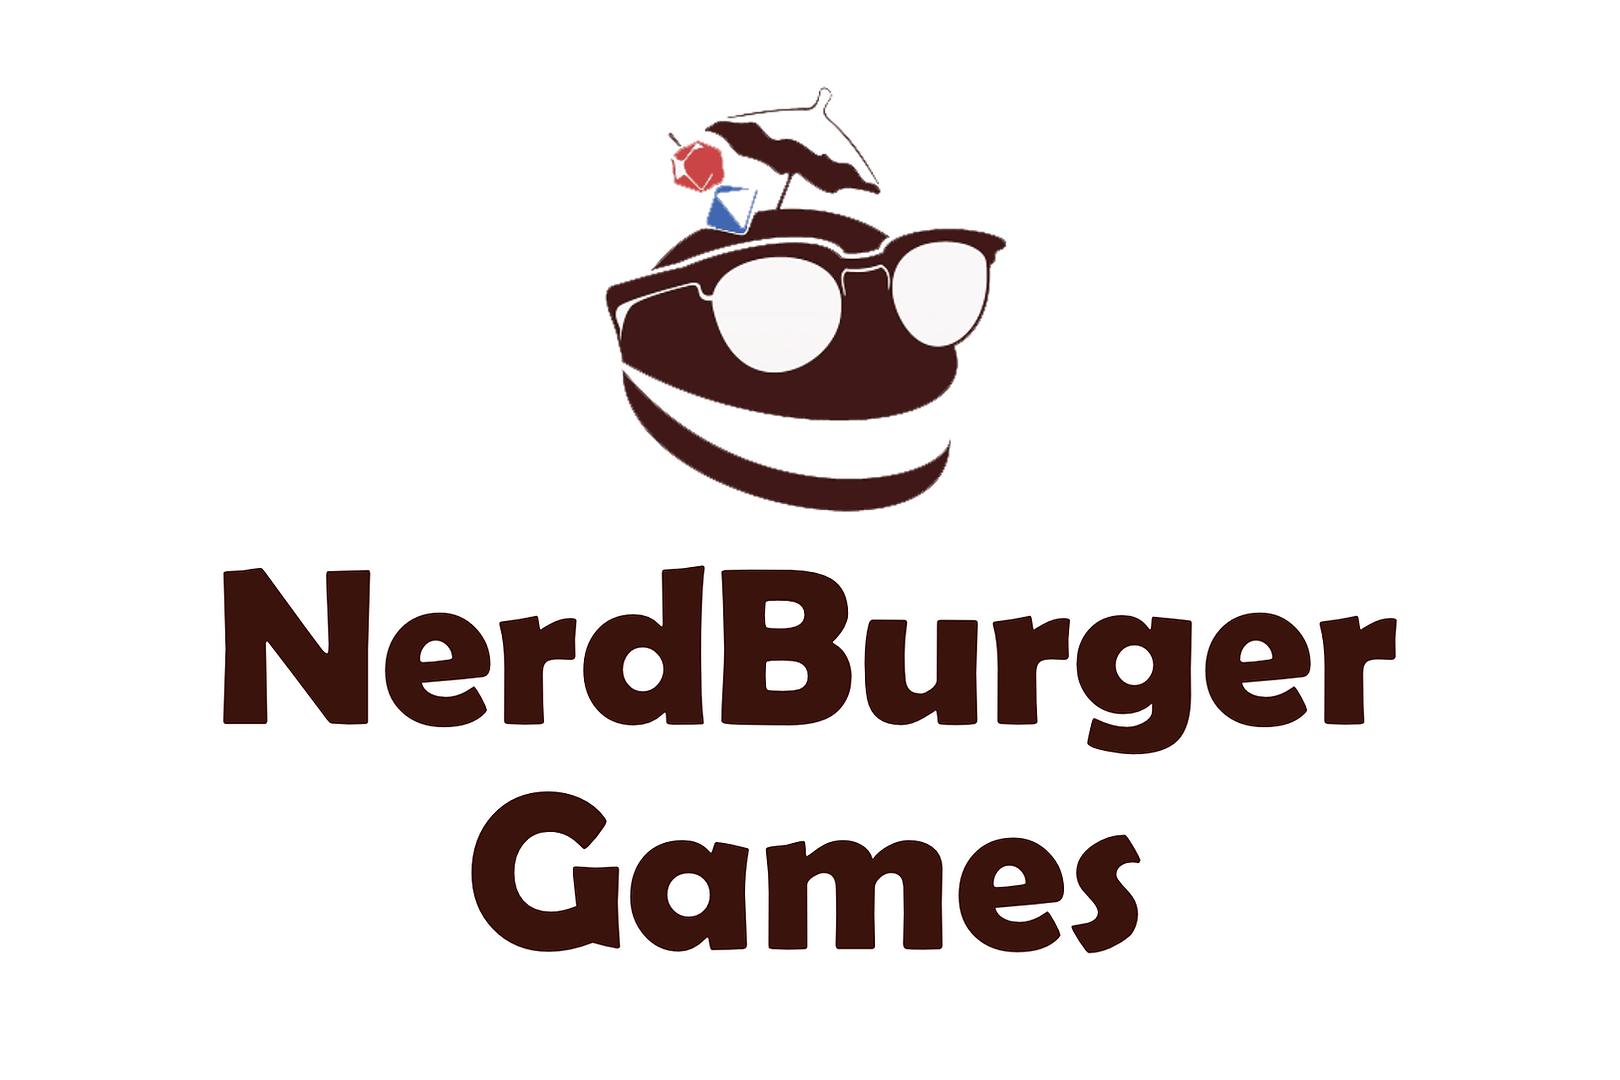 nbg nerdburger games logo - gc ss.png